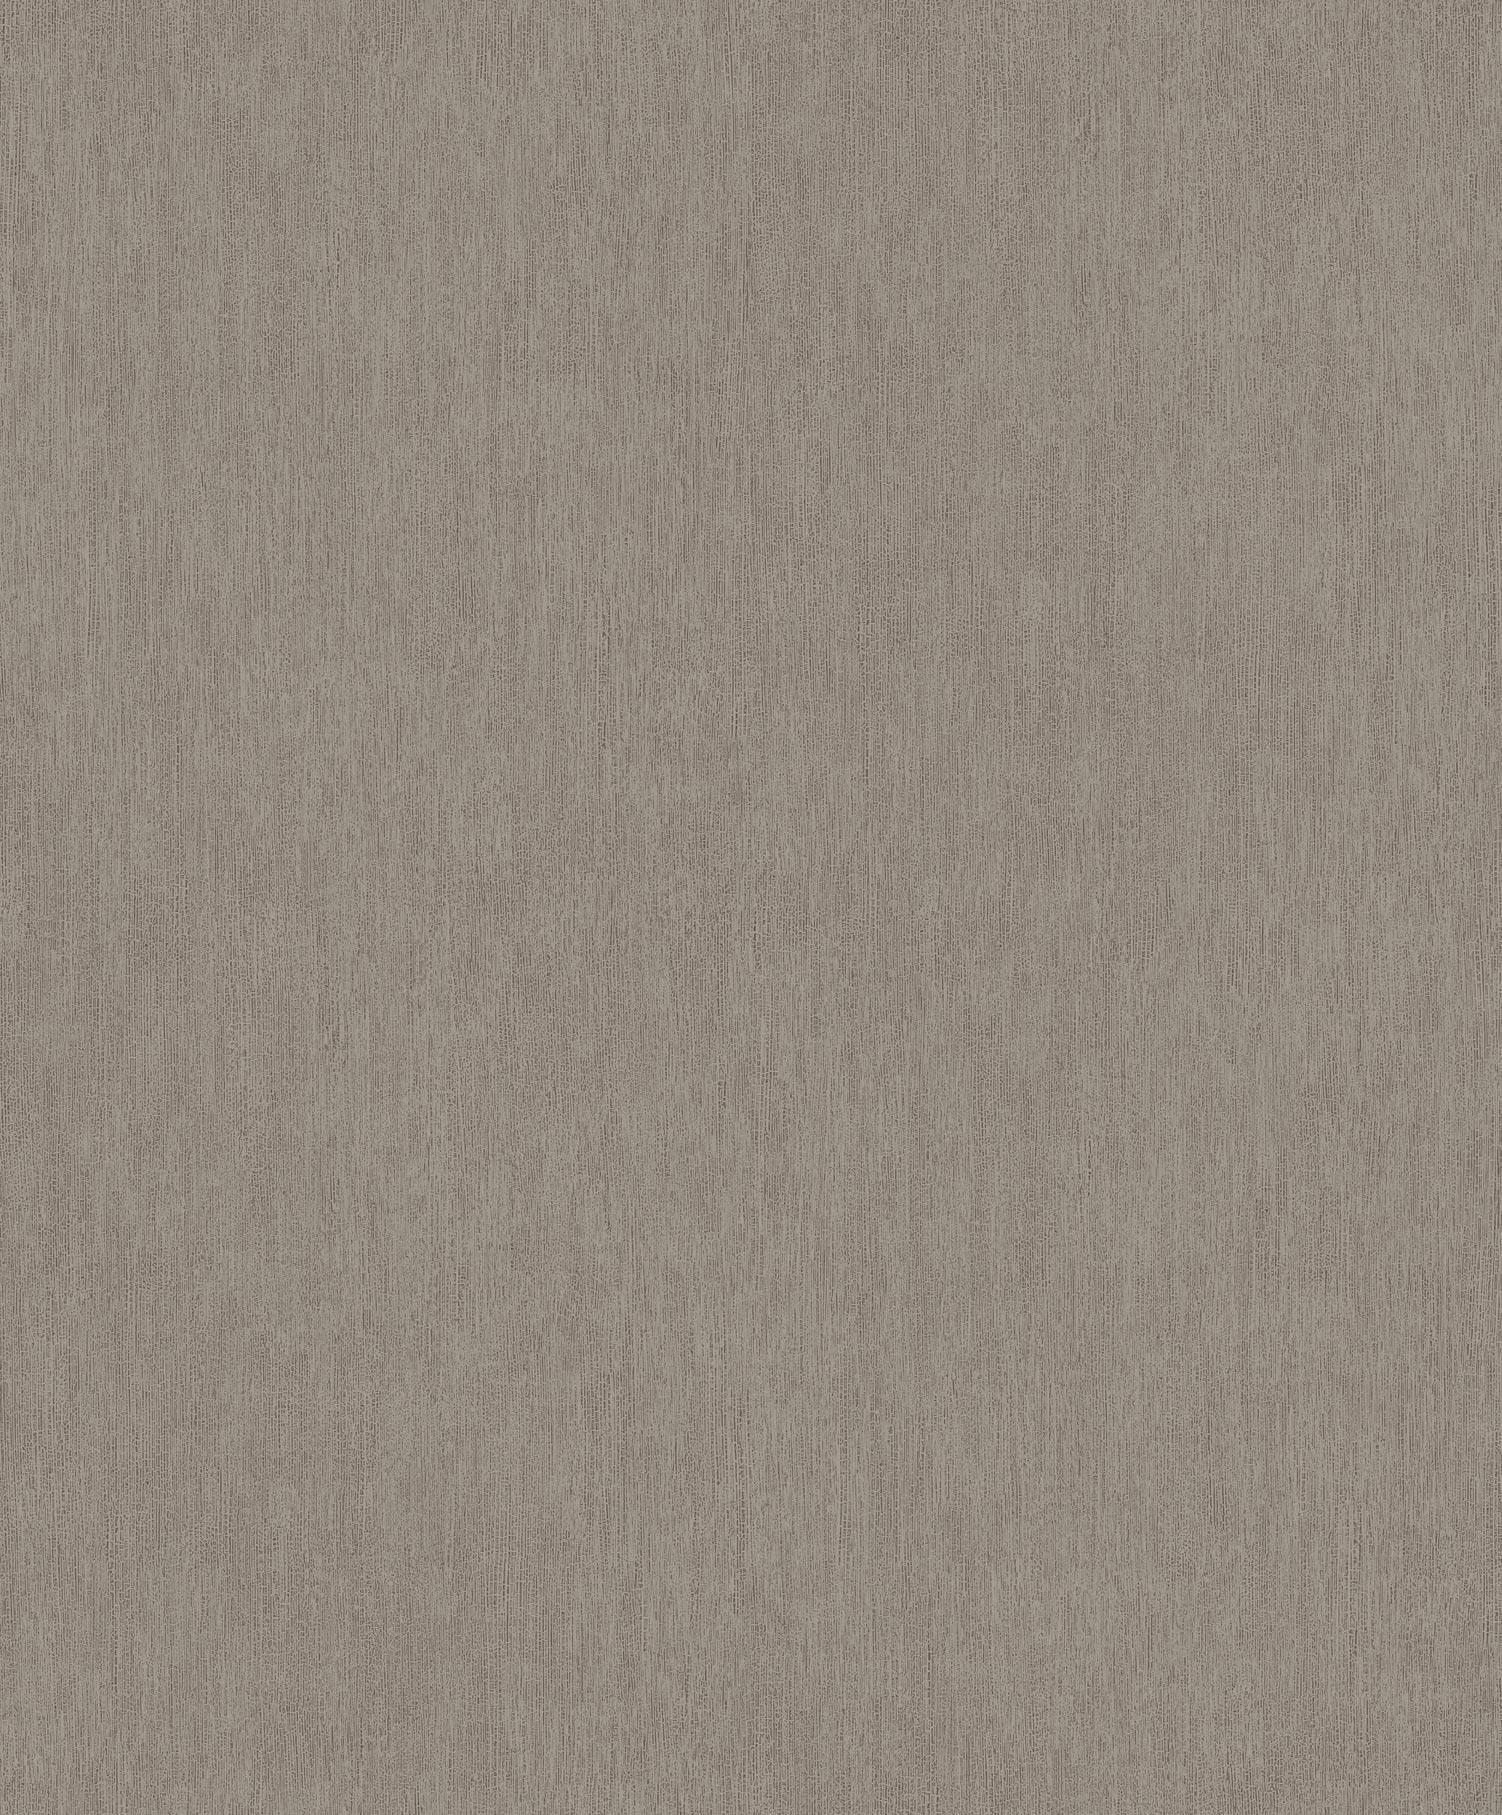 Обои Ugepa Couleurs j75118 (Угепа)